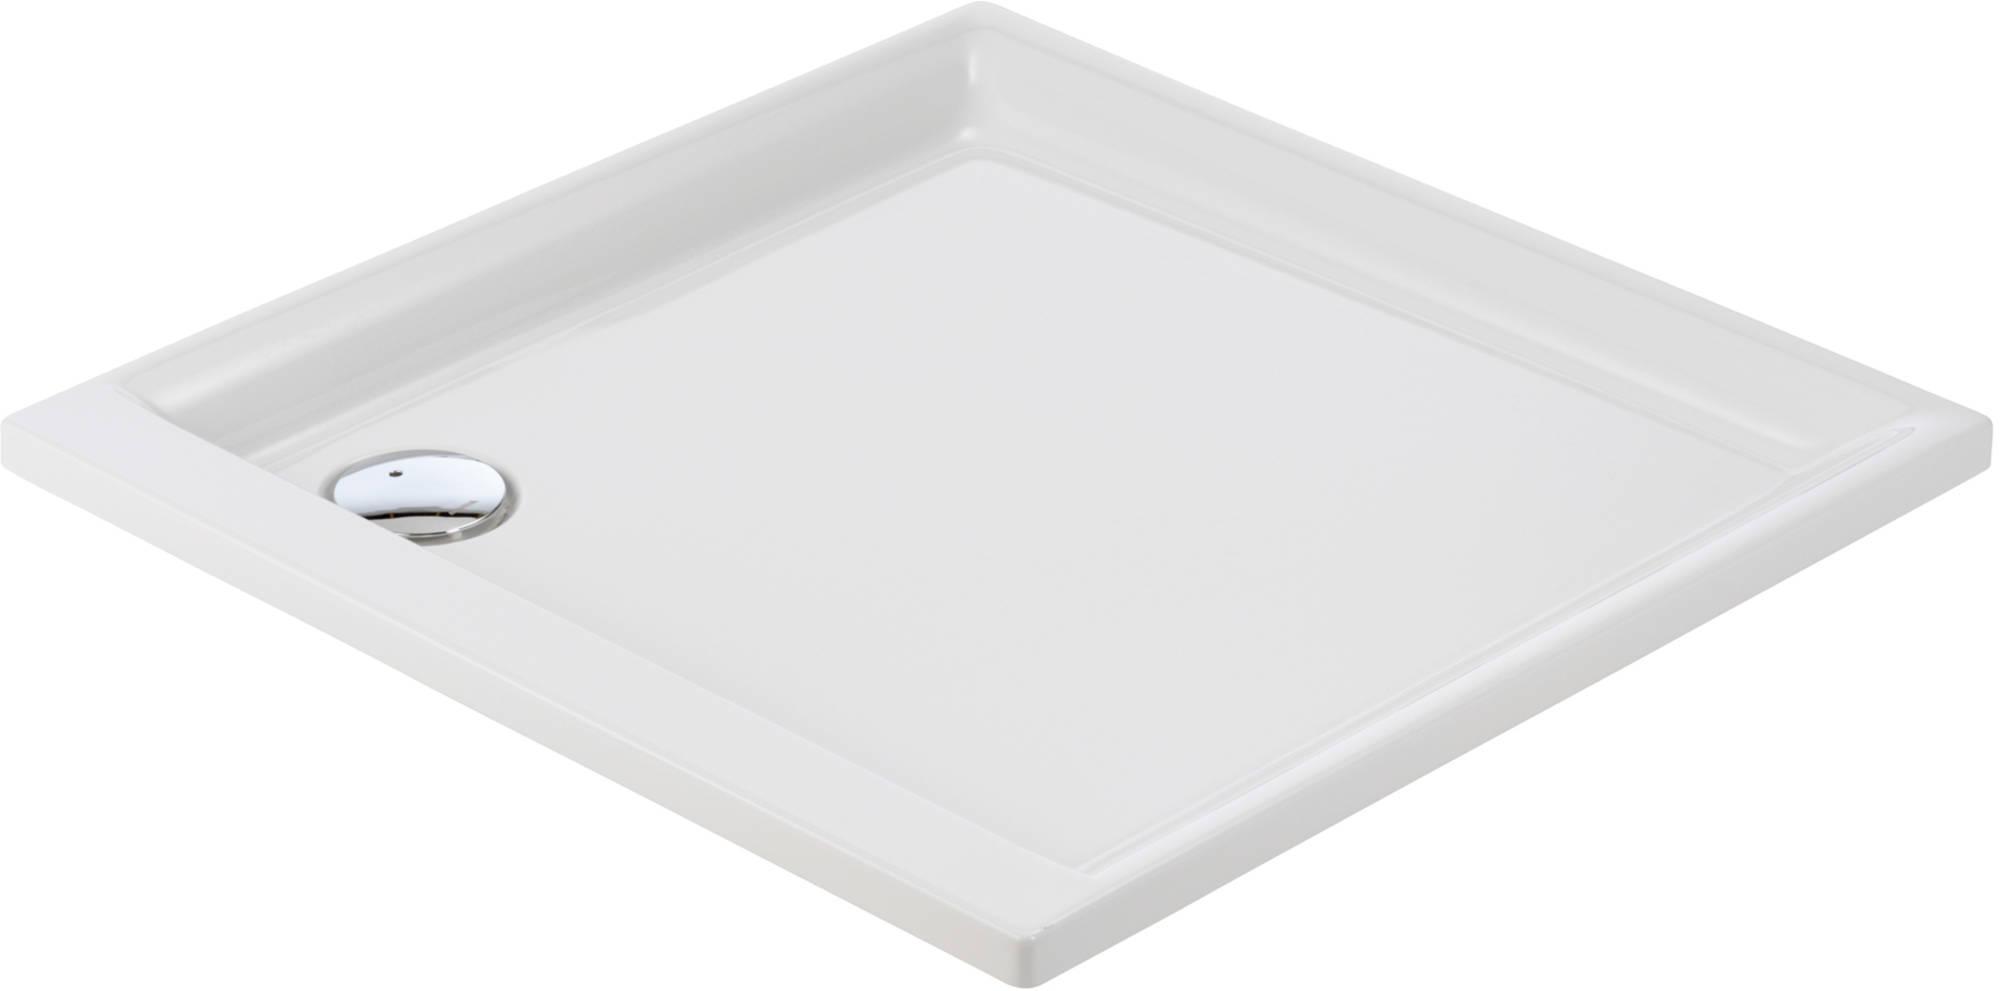 Sealskin Senso douchebak vierkant 90x90cm inbouw voor nis, wit